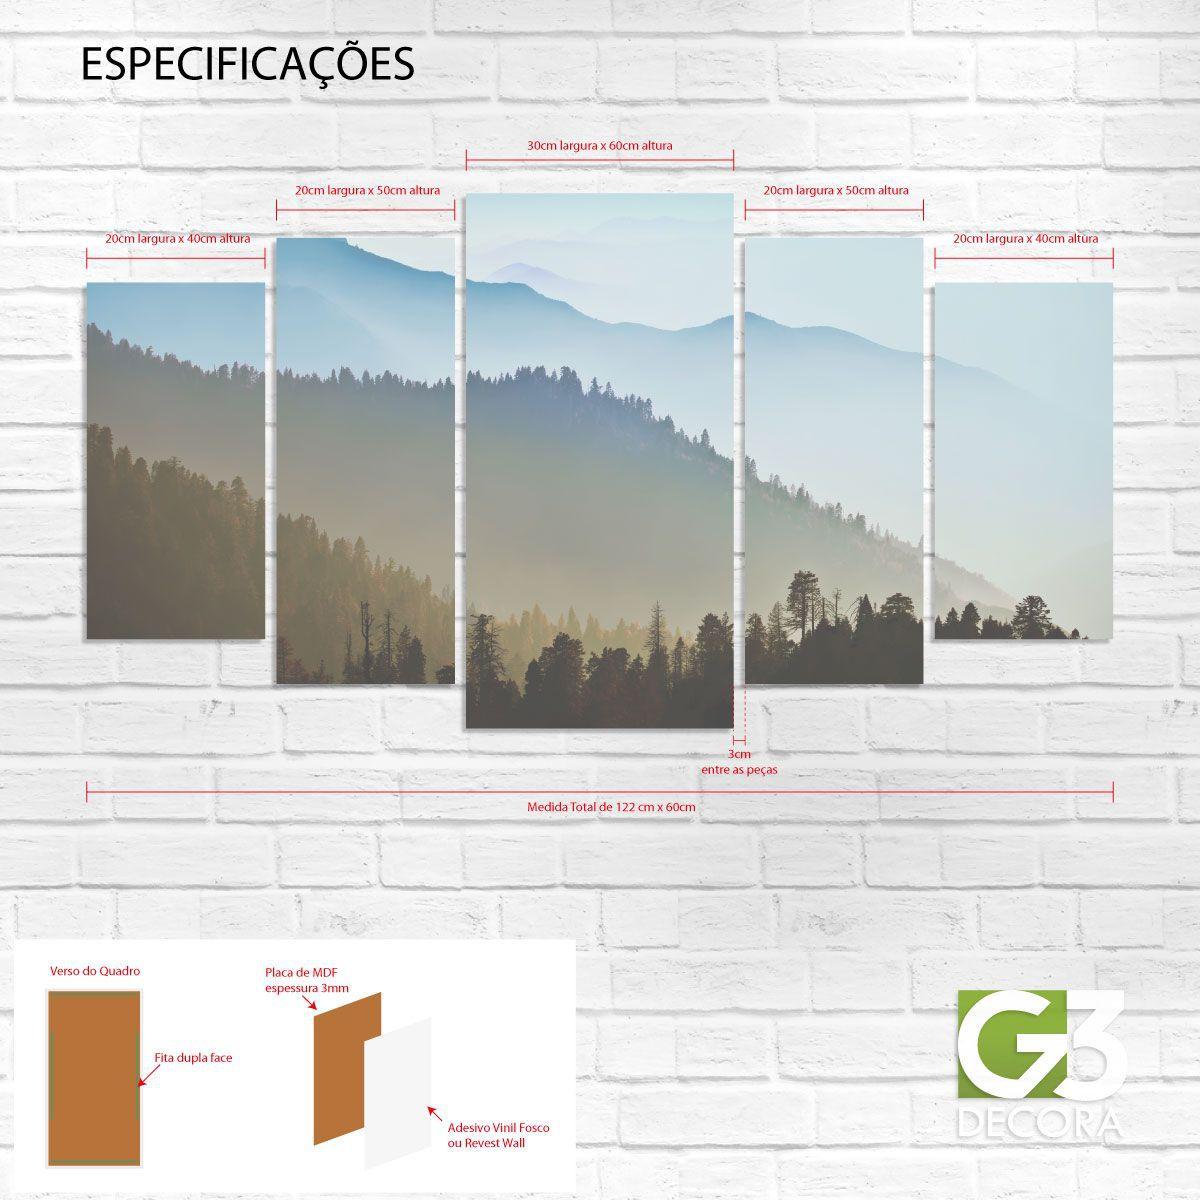 Quadro Decorativo – QD006  - Papel de parede - G3decora